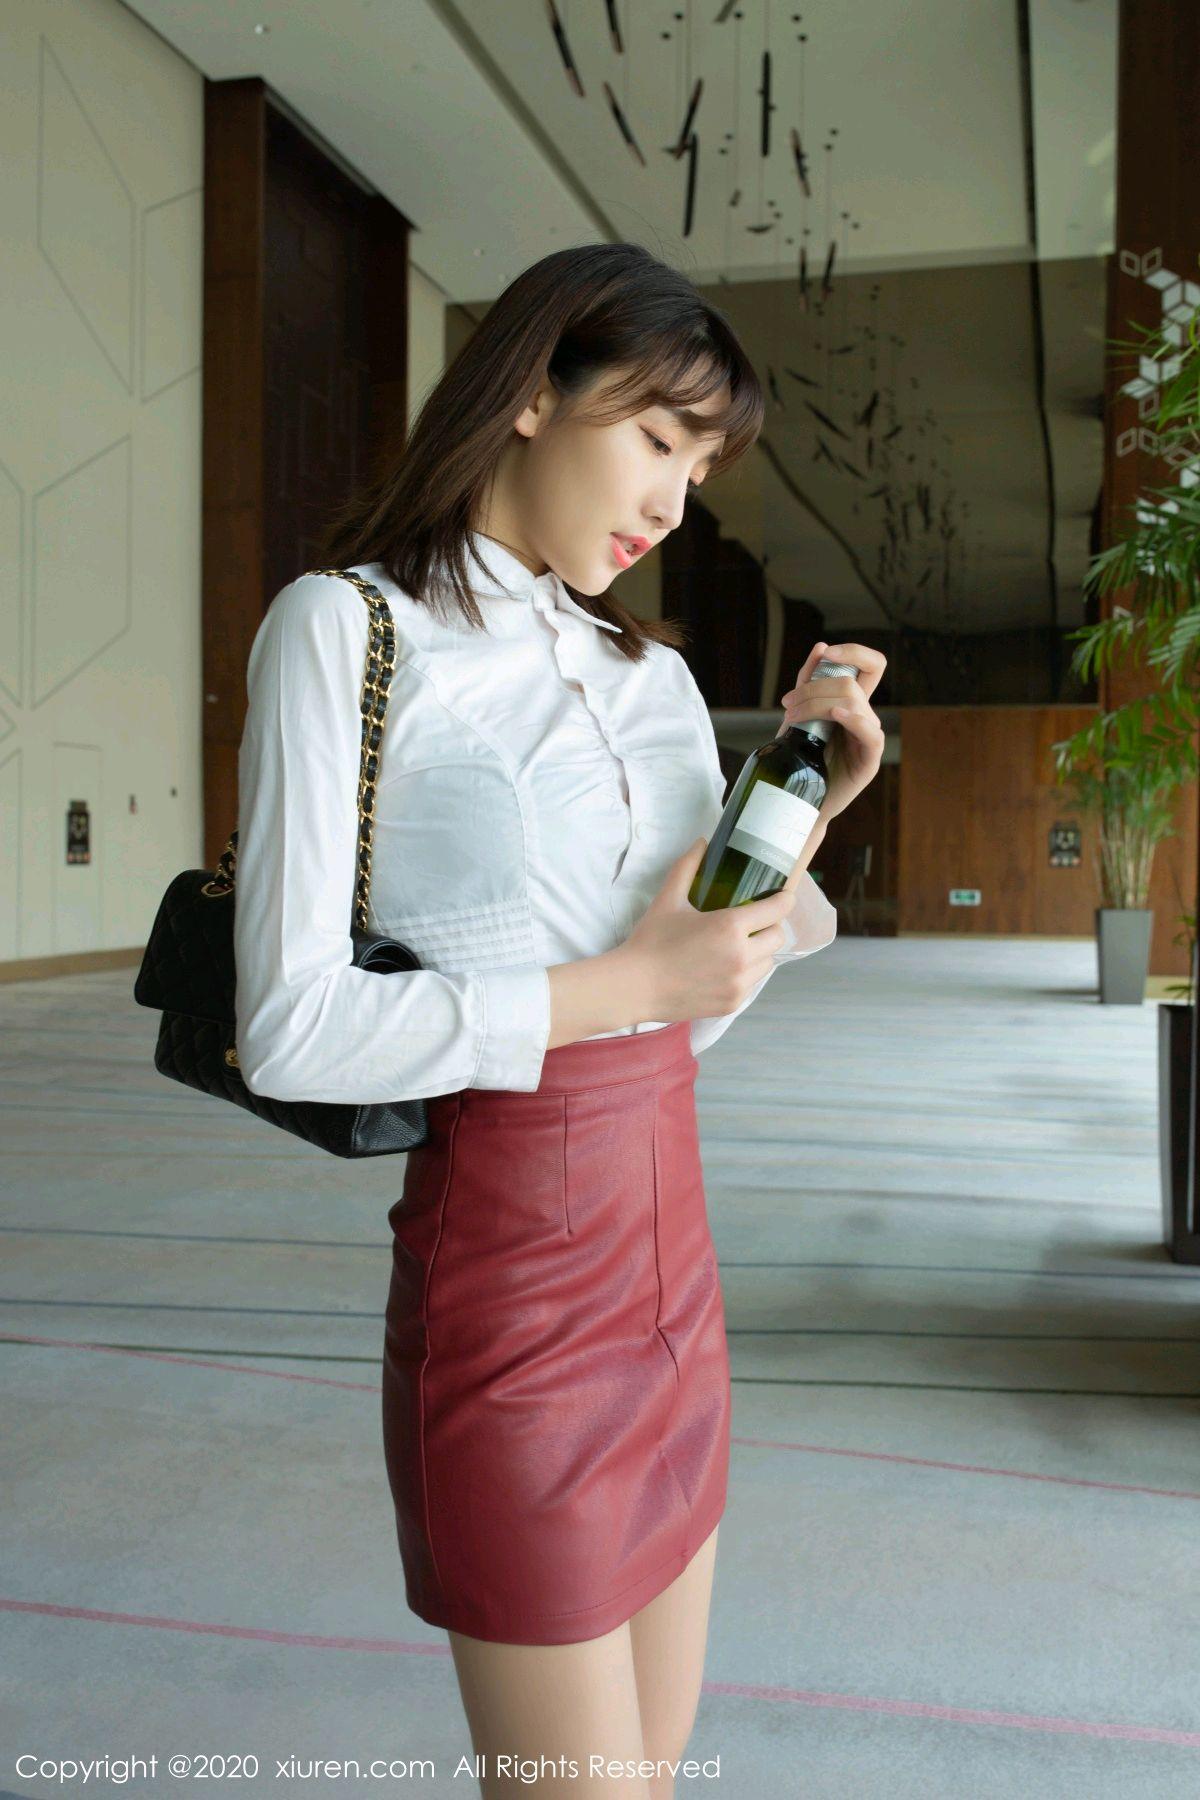 [XiuRen] Vol.2393 Lu Xuan Xuan 8P, Lu Xuan Xuan, Underwear, Xiuren